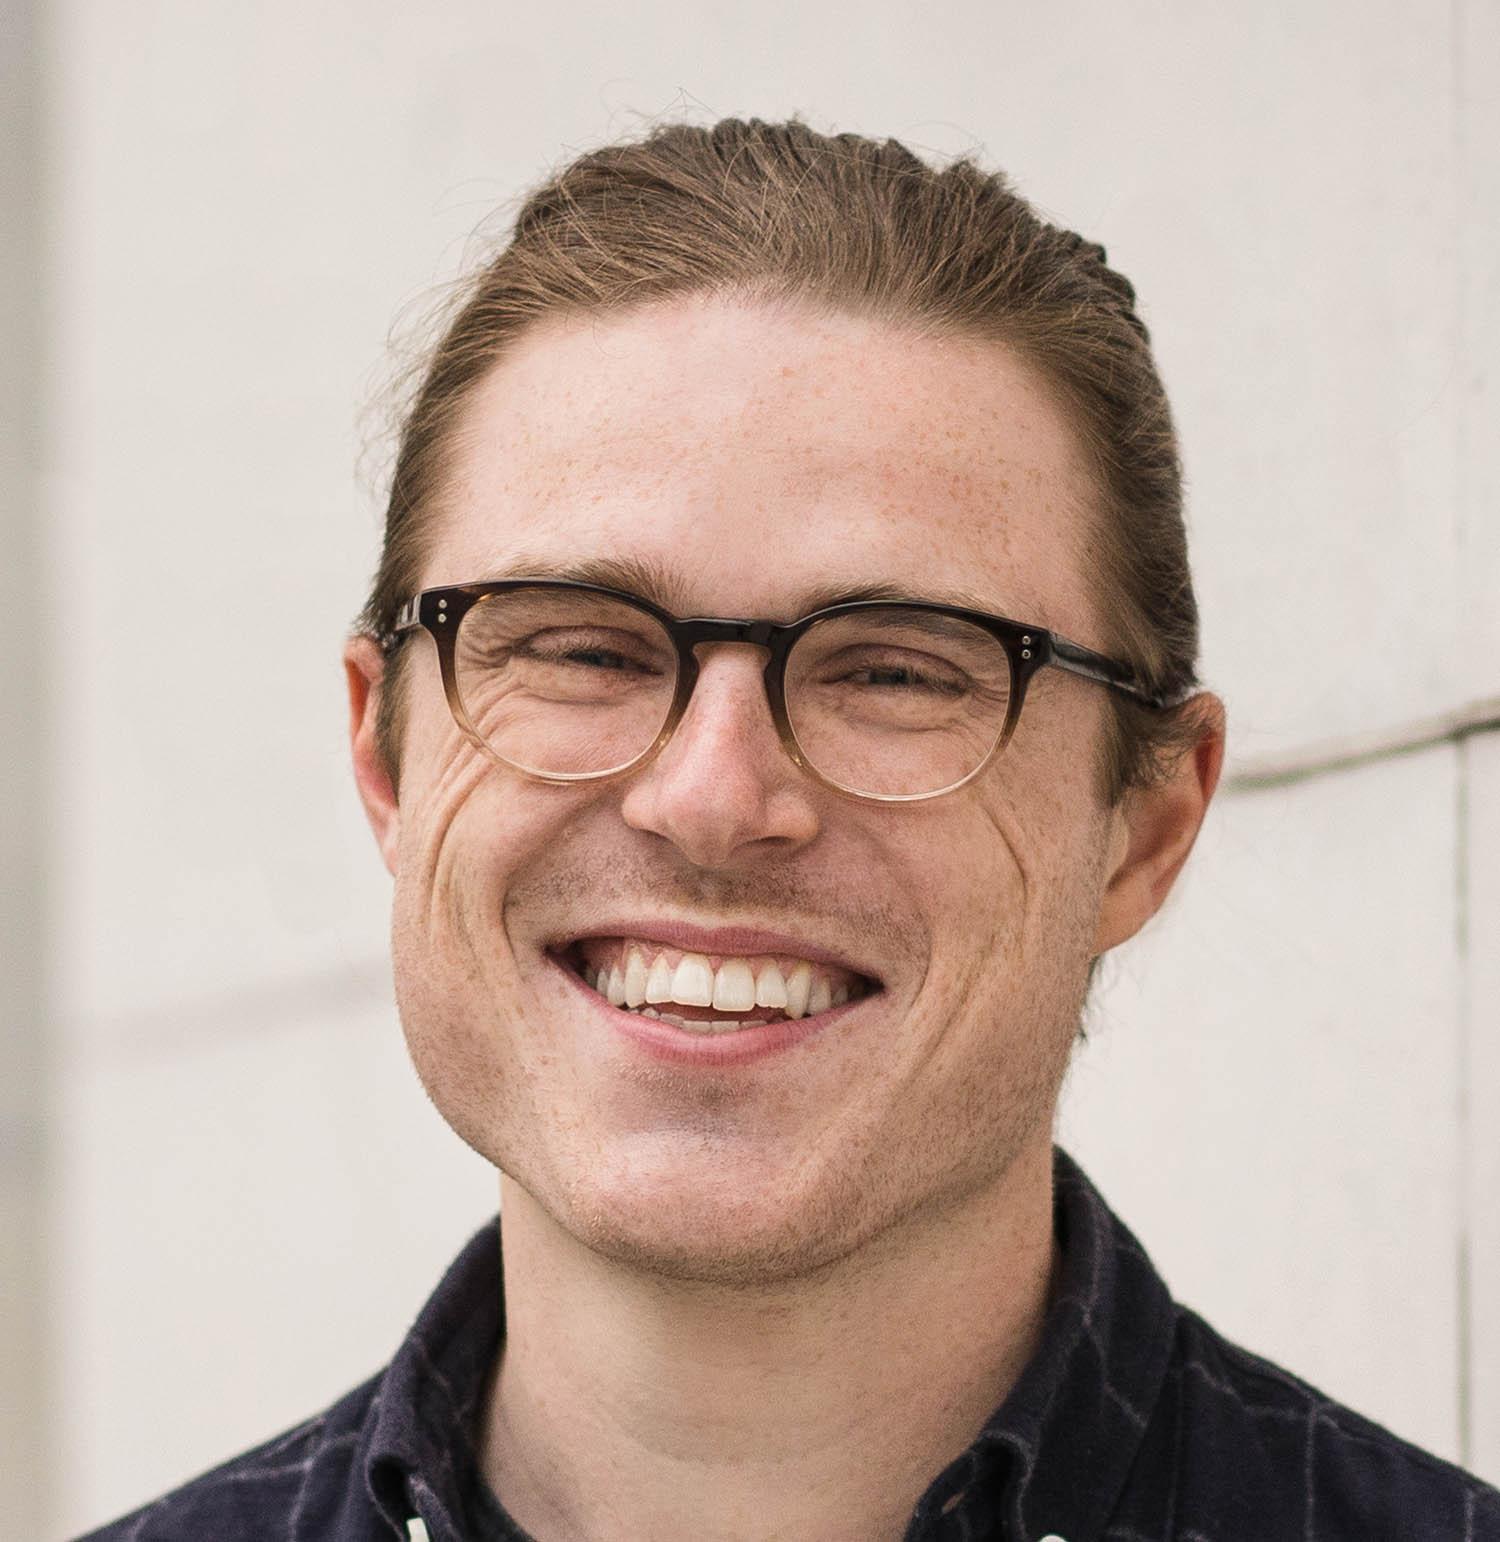 Valentin Geffroy - Founder of Notion Everything